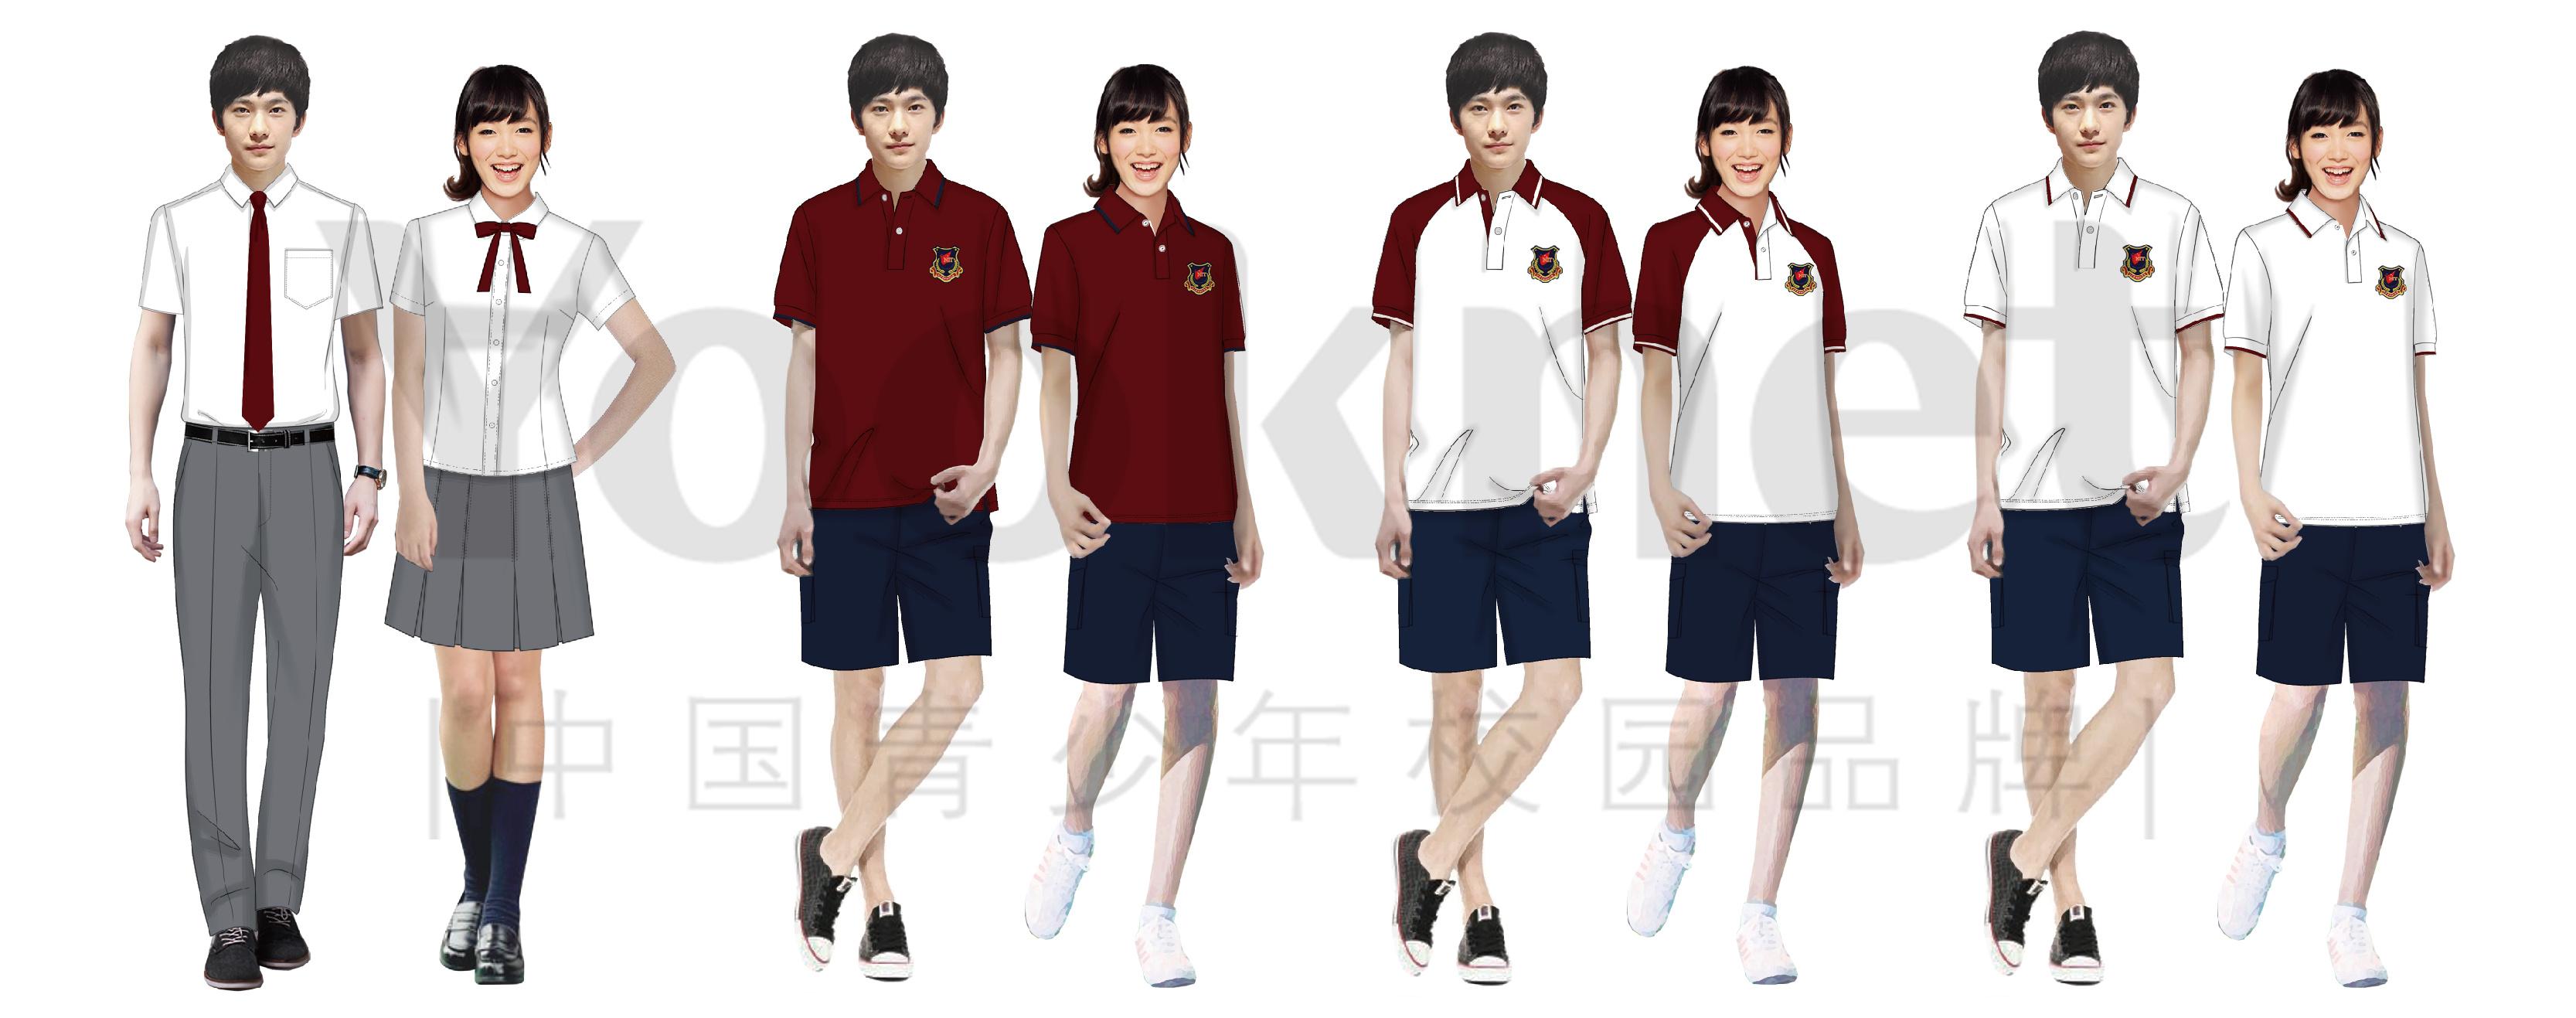 初中校服设计效果图展示